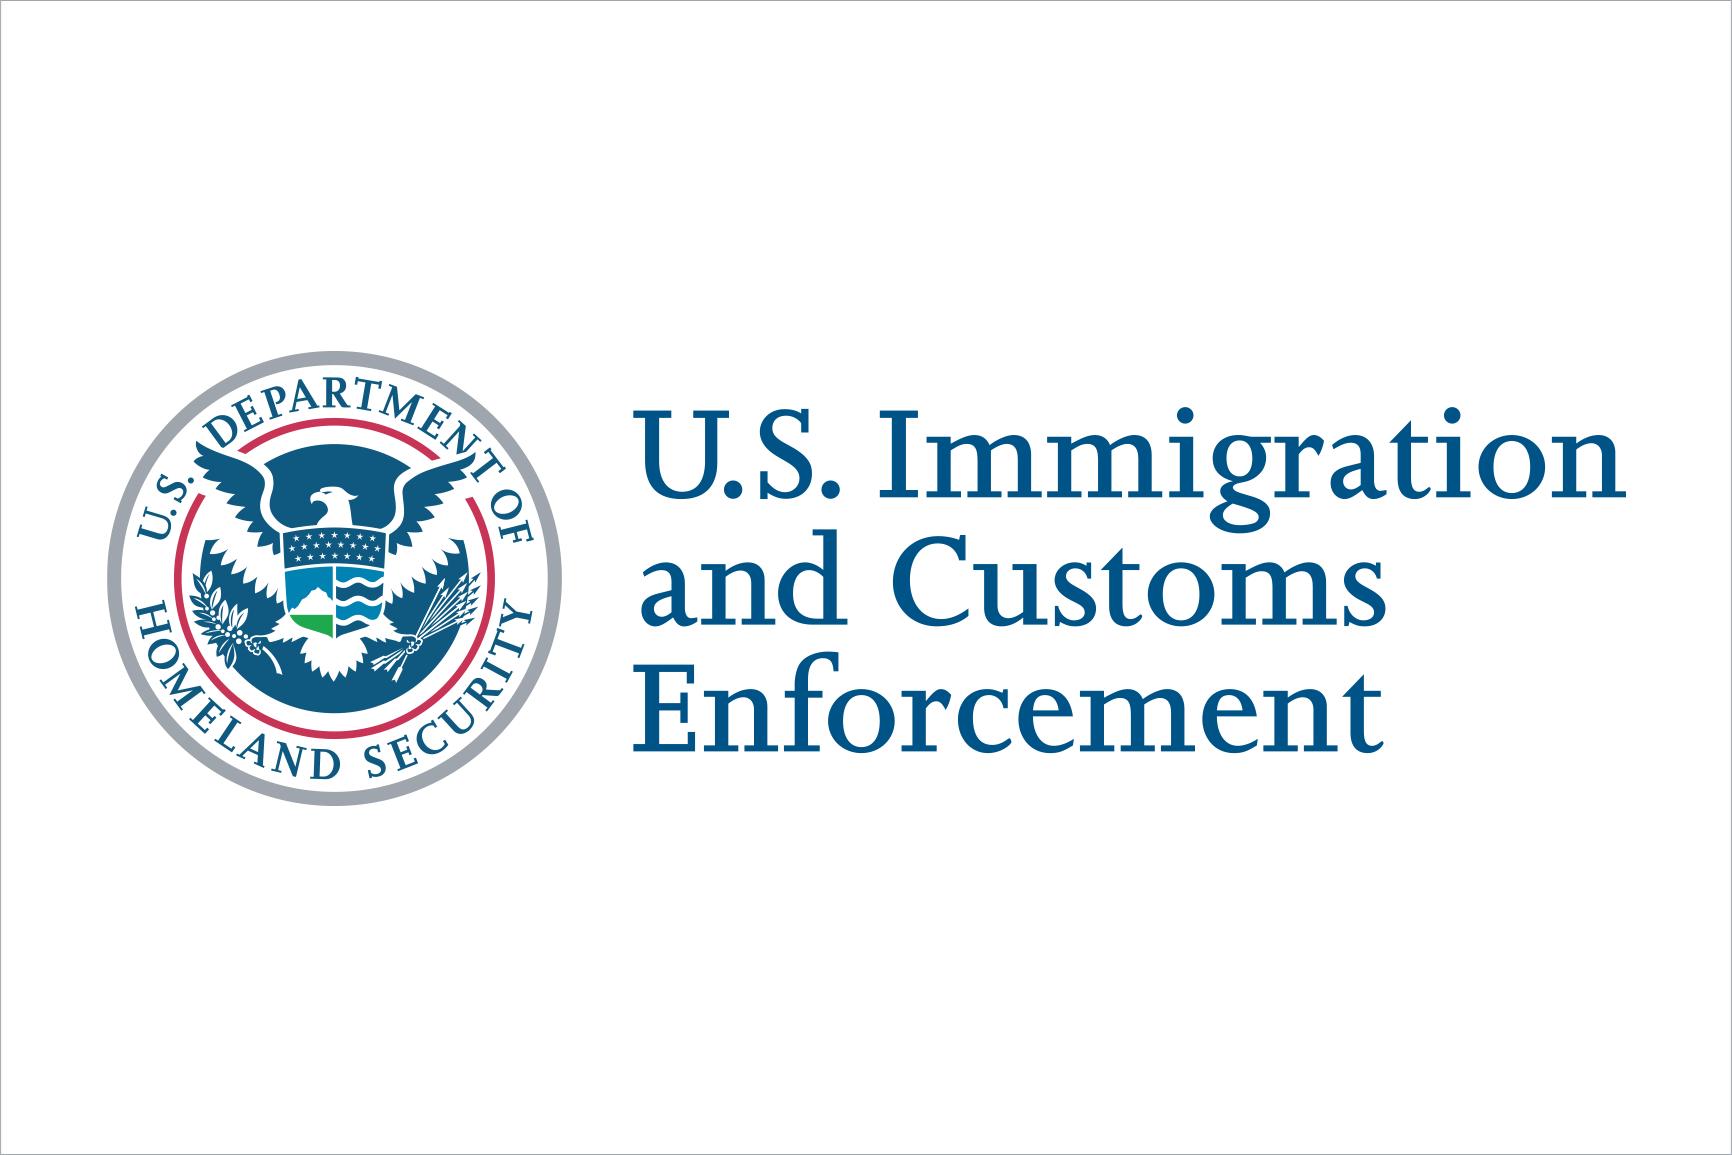 美國移民及海關執法局是聯邦的行政部門,他們的「逮捕令」屬於「行政拘捕令」(Administrative Warrant)。